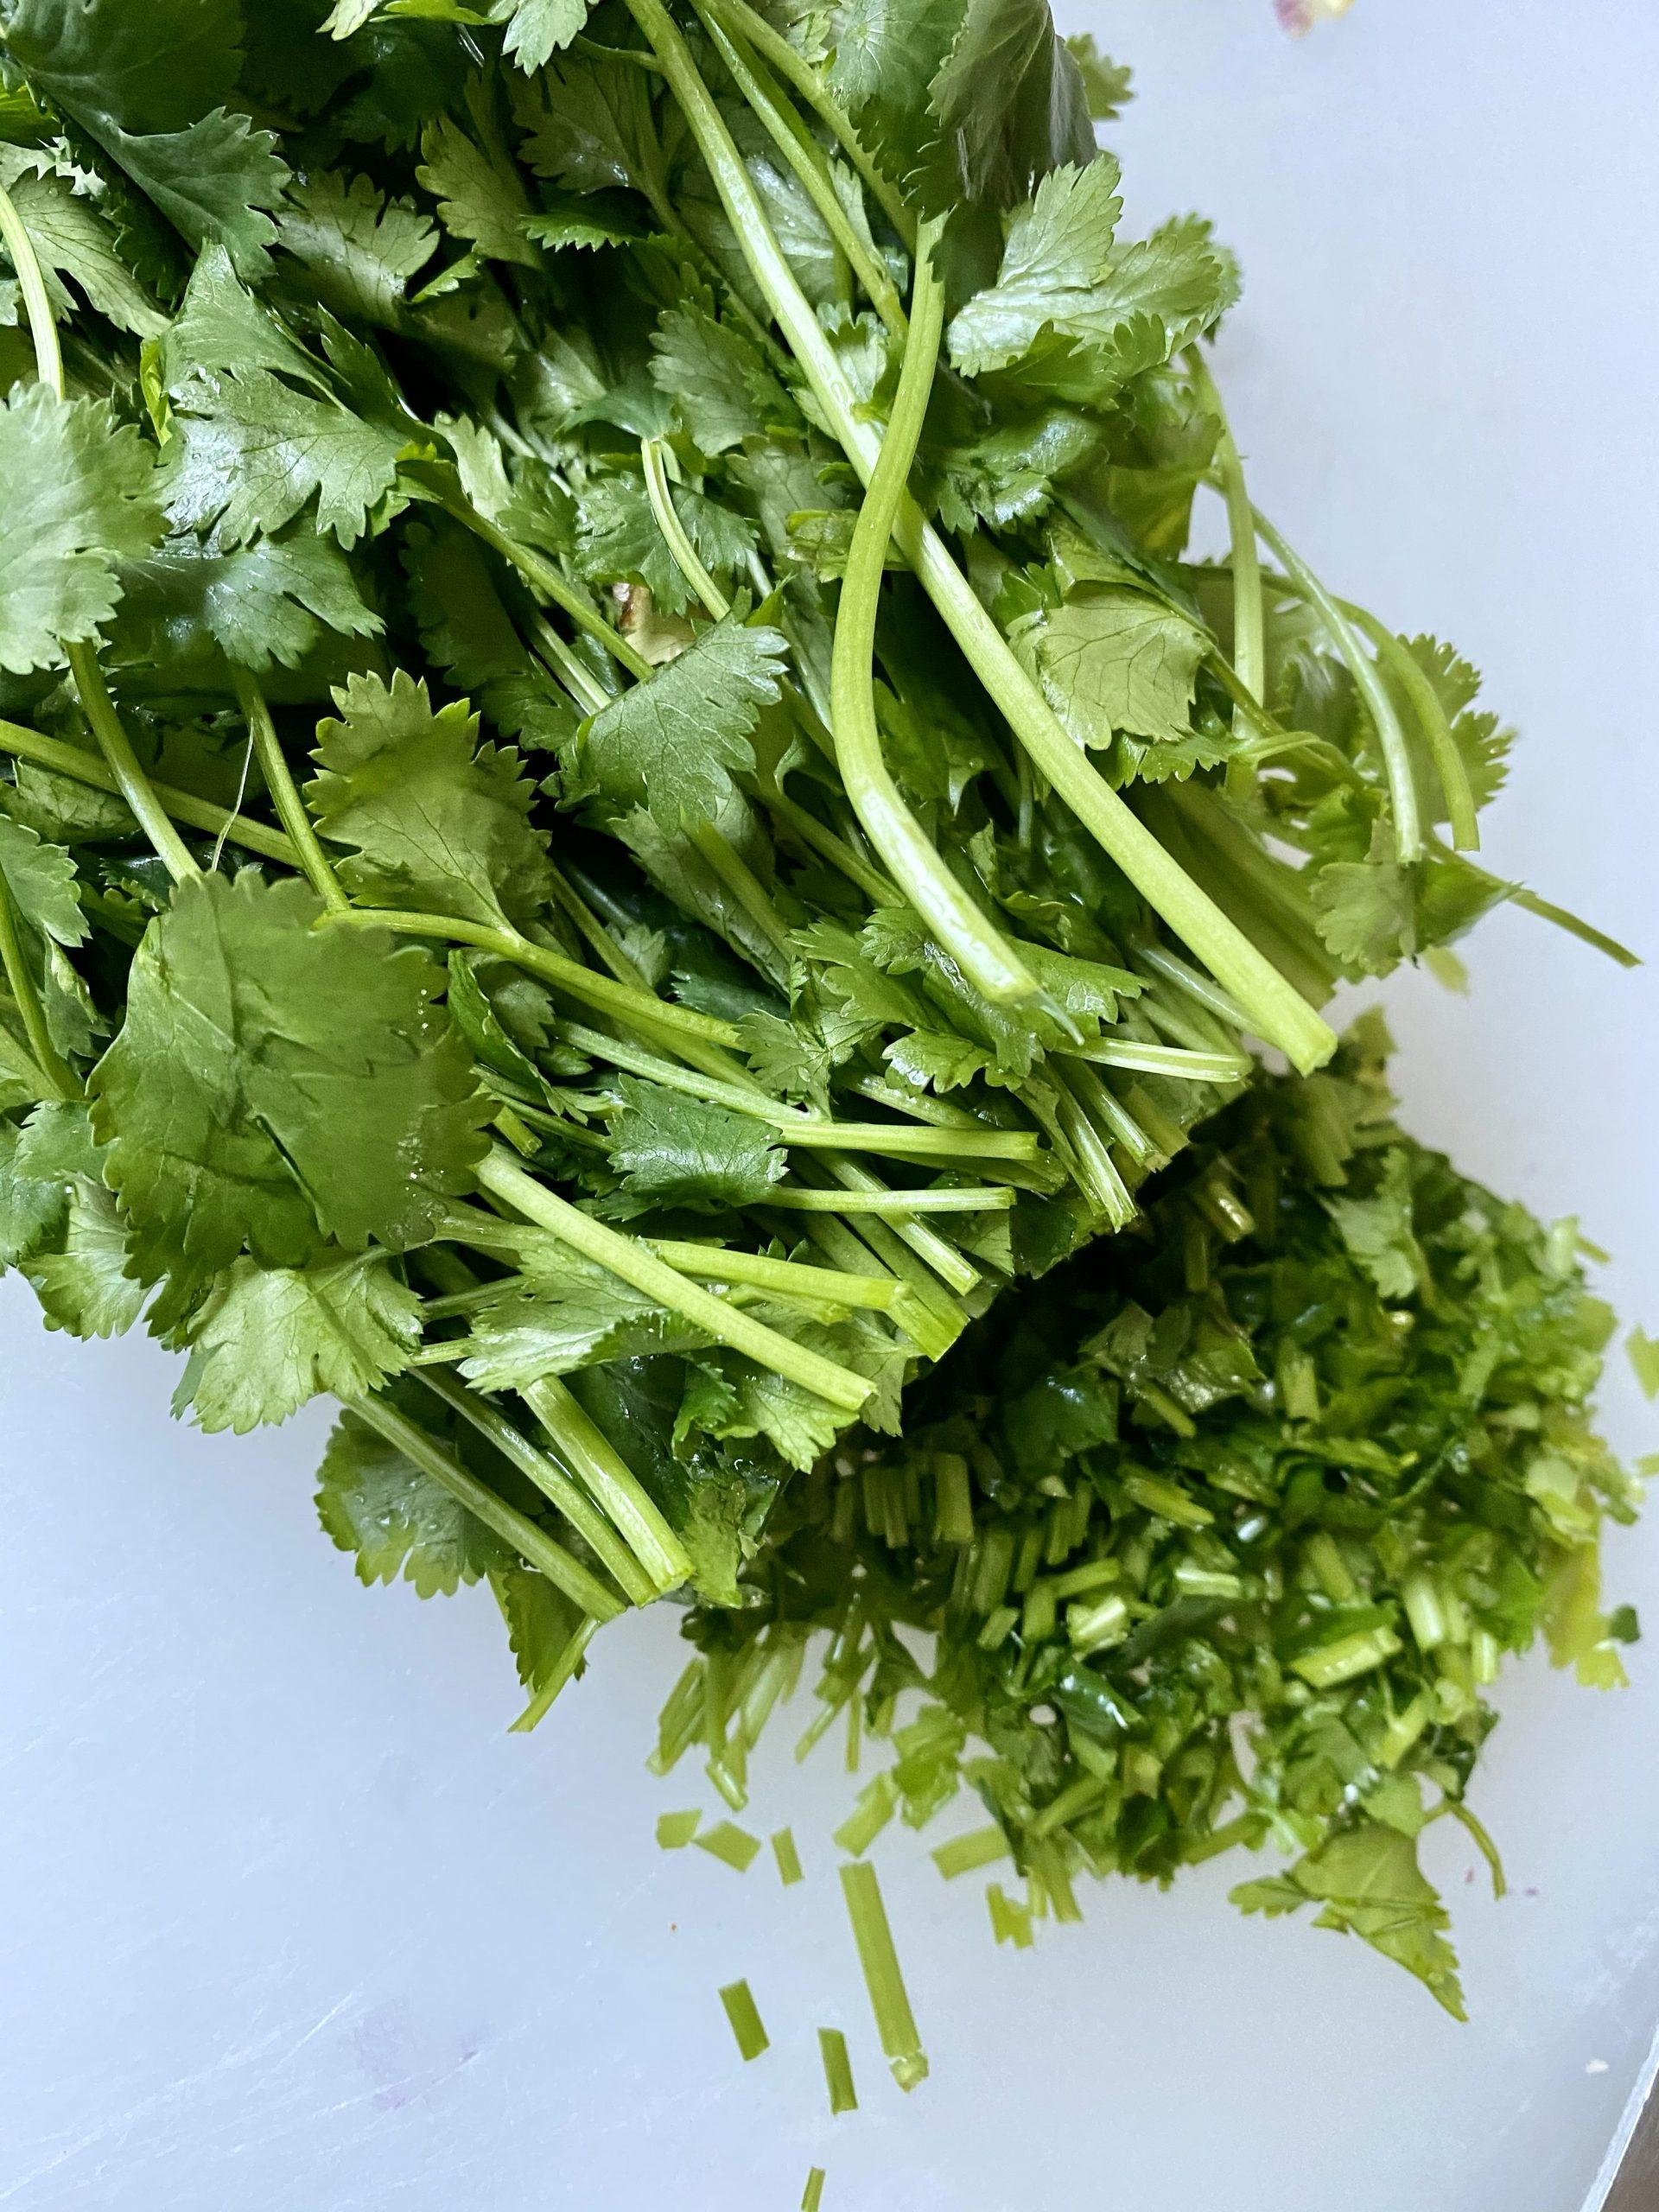 cilantro, bunch of cilantro, chopped cilantro